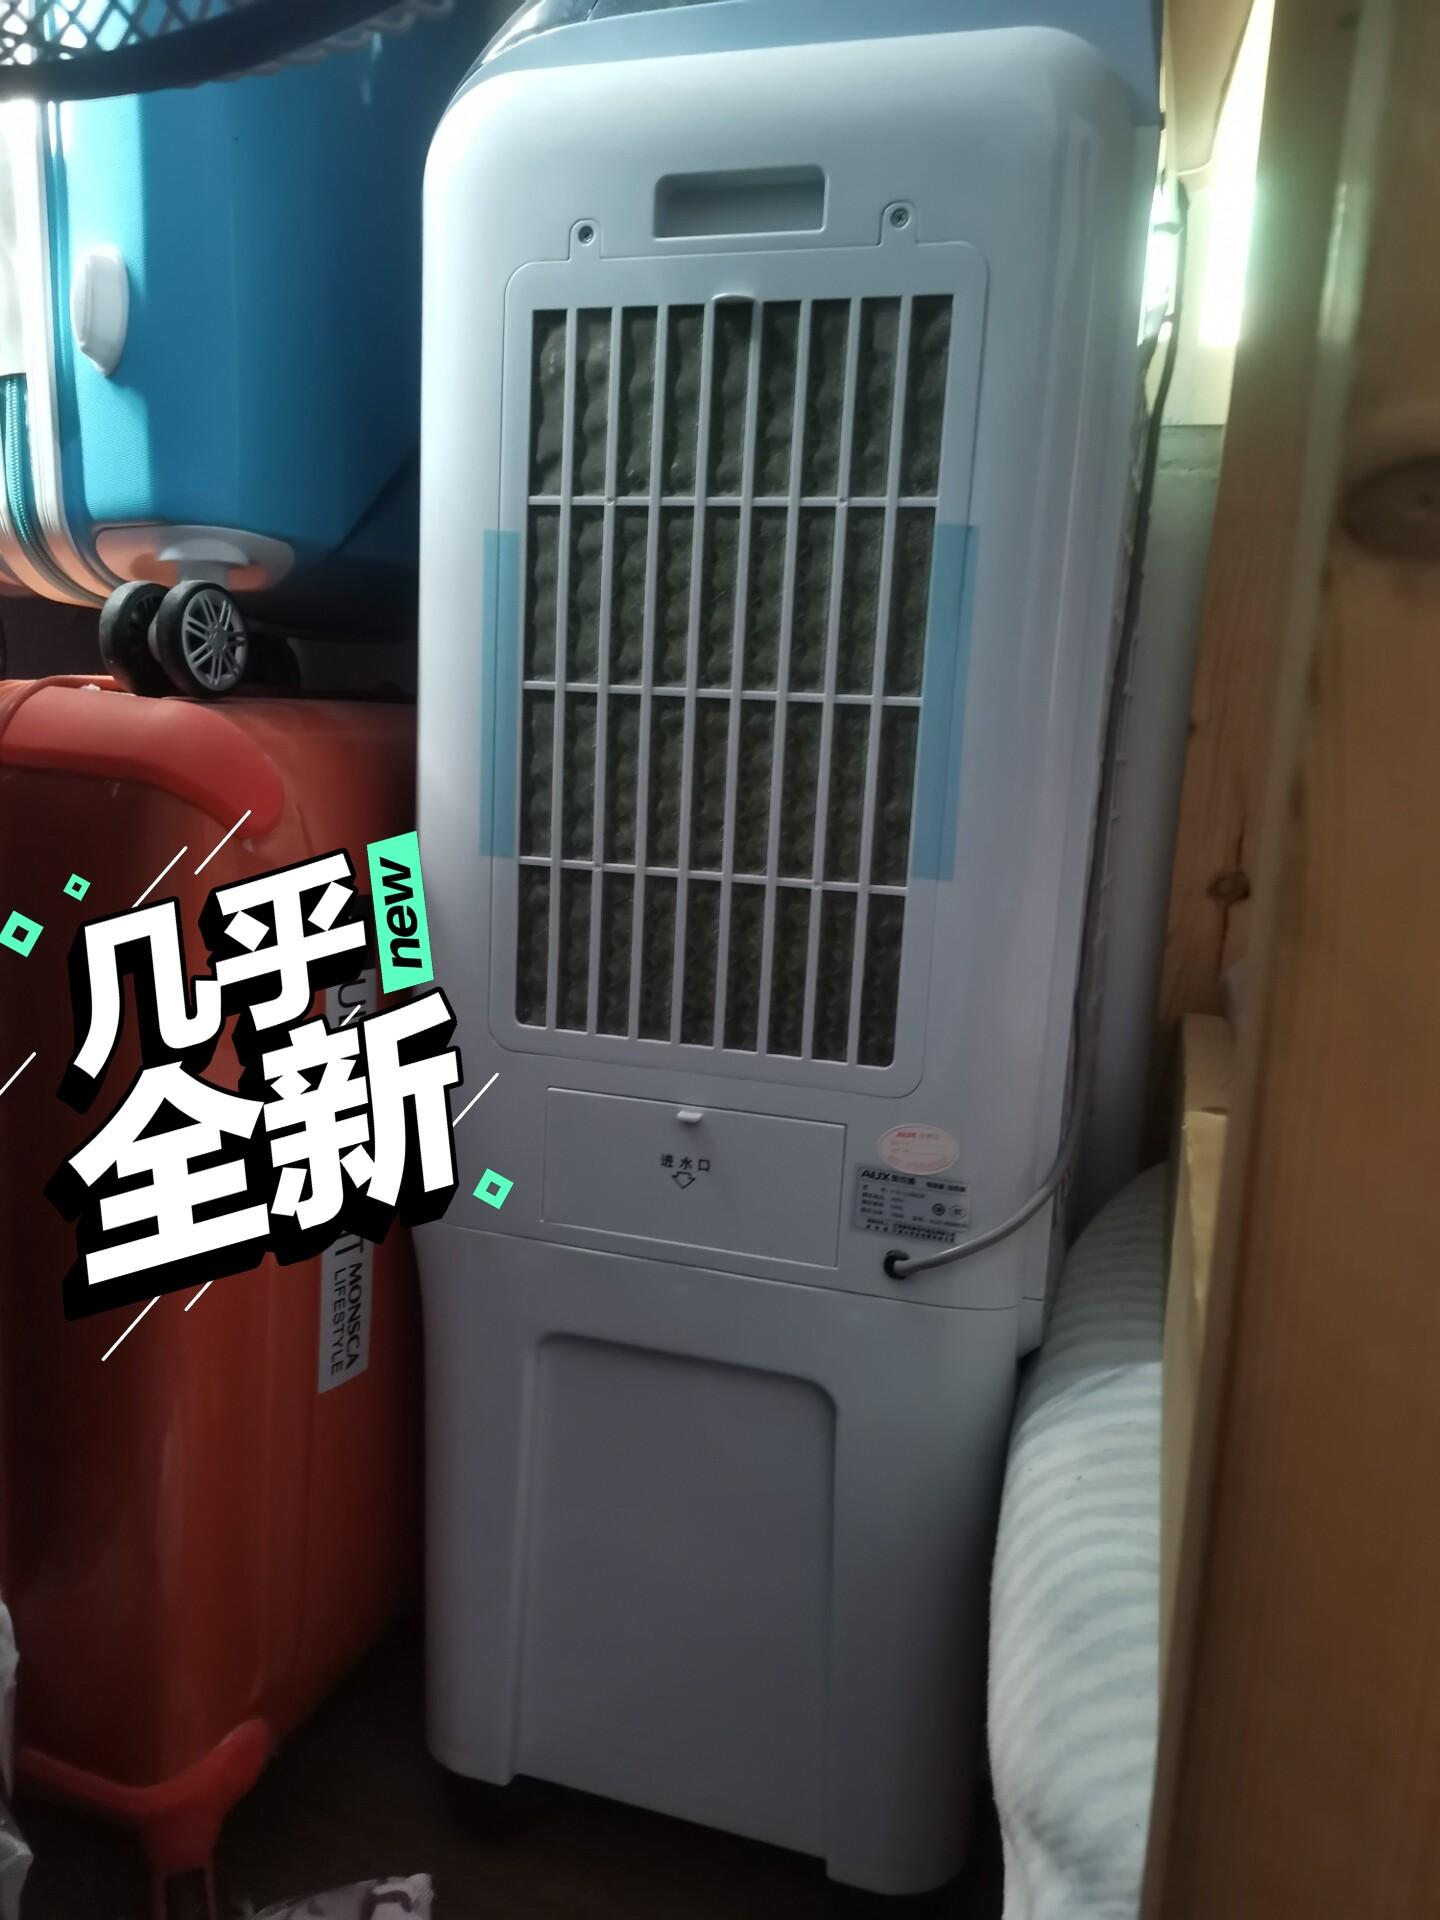 奥克斯冷风机家用冷风扇可加水加冰盒,买回来用过一两次,之后就